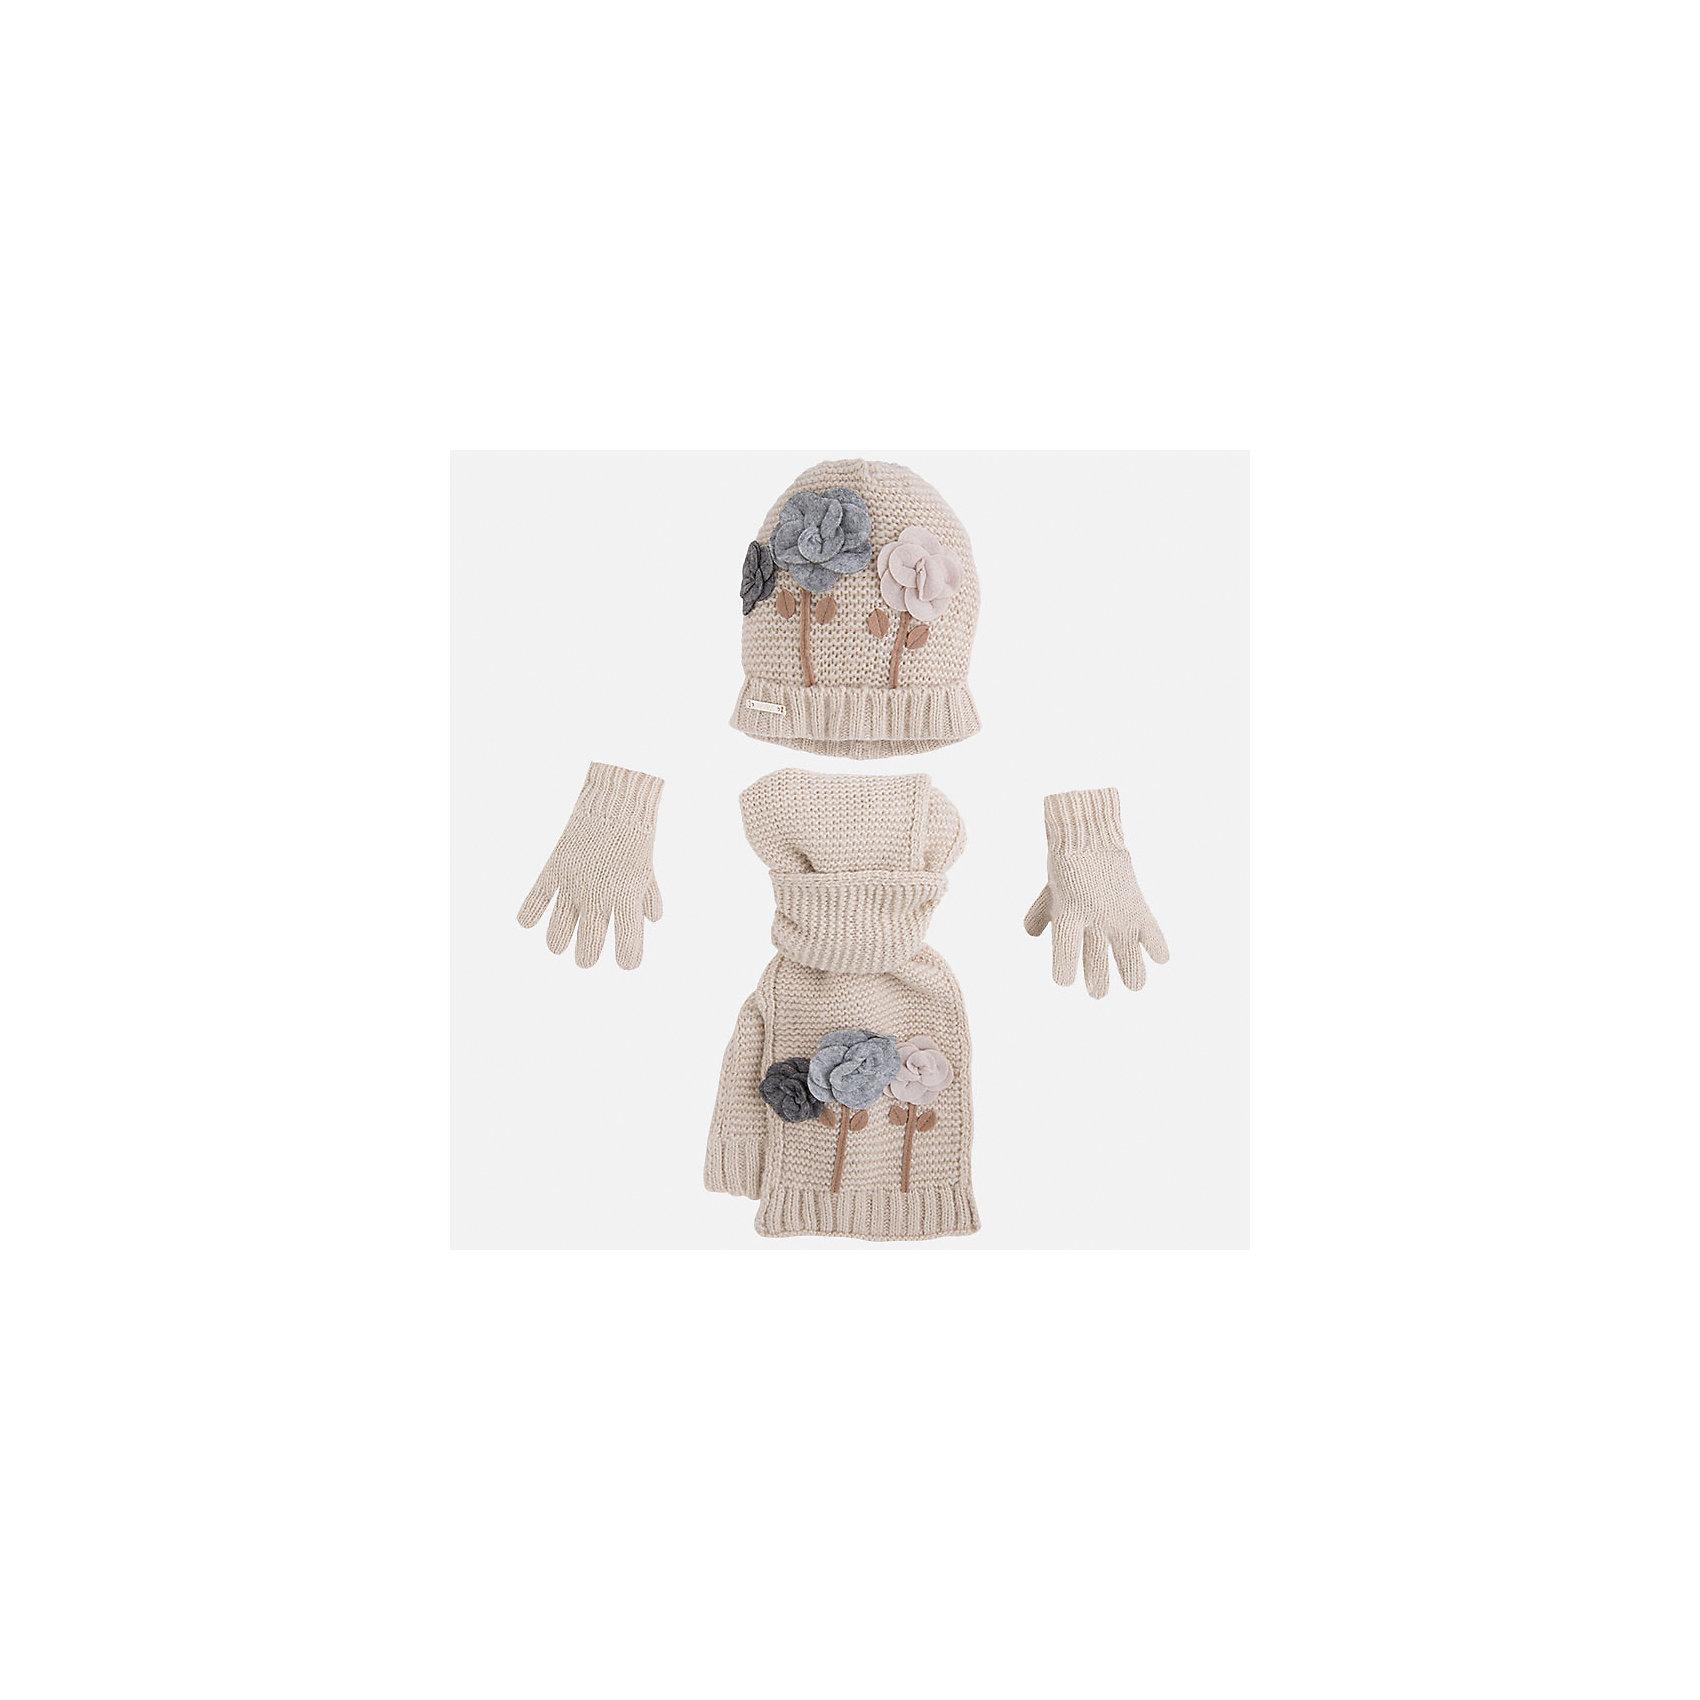 Комплект:шапка, шарф и перчатки для девочки MayoralКомплект из шапки, шарфа и перчаток для девочки от известного испанского бренда Mayoral(Майорал). Все изделия изготовлены из качественных гипоаллергенных тканей, приятных на ощупь. Шапка и шарф декорированы аппликацией цветы. С этим комплектом девочке будет очень тепло и комфортно!<br><br>Дополнительная информация:<br>Состав: 87% акрил, 13% полиамид<br>Цвет: молочный<br>Комплект из шарфа, шапки и перчаток Mayoral(Майорал) можно приобрести в нашем интернет-магазине.<br><br>Ширина мм: 89<br>Глубина мм: 117<br>Высота мм: 44<br>Вес г: 155<br>Цвет: бежевый<br>Возраст от месяцев: 48<br>Возраст до месяцев: 72<br>Пол: Женский<br>Возраст: Детский<br>Размер: 52-54,48-50,54-56<br>SKU: 4847758